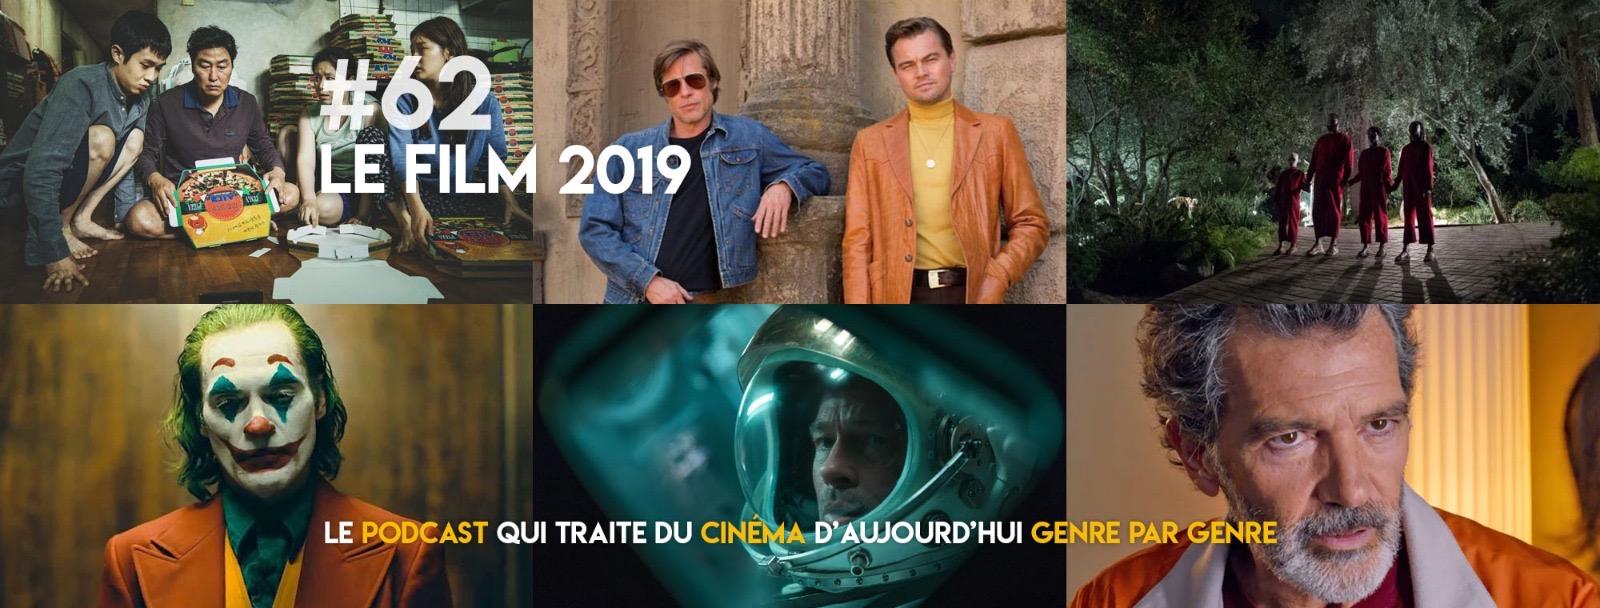 Parlons Péloches - #62 Le film de 2019